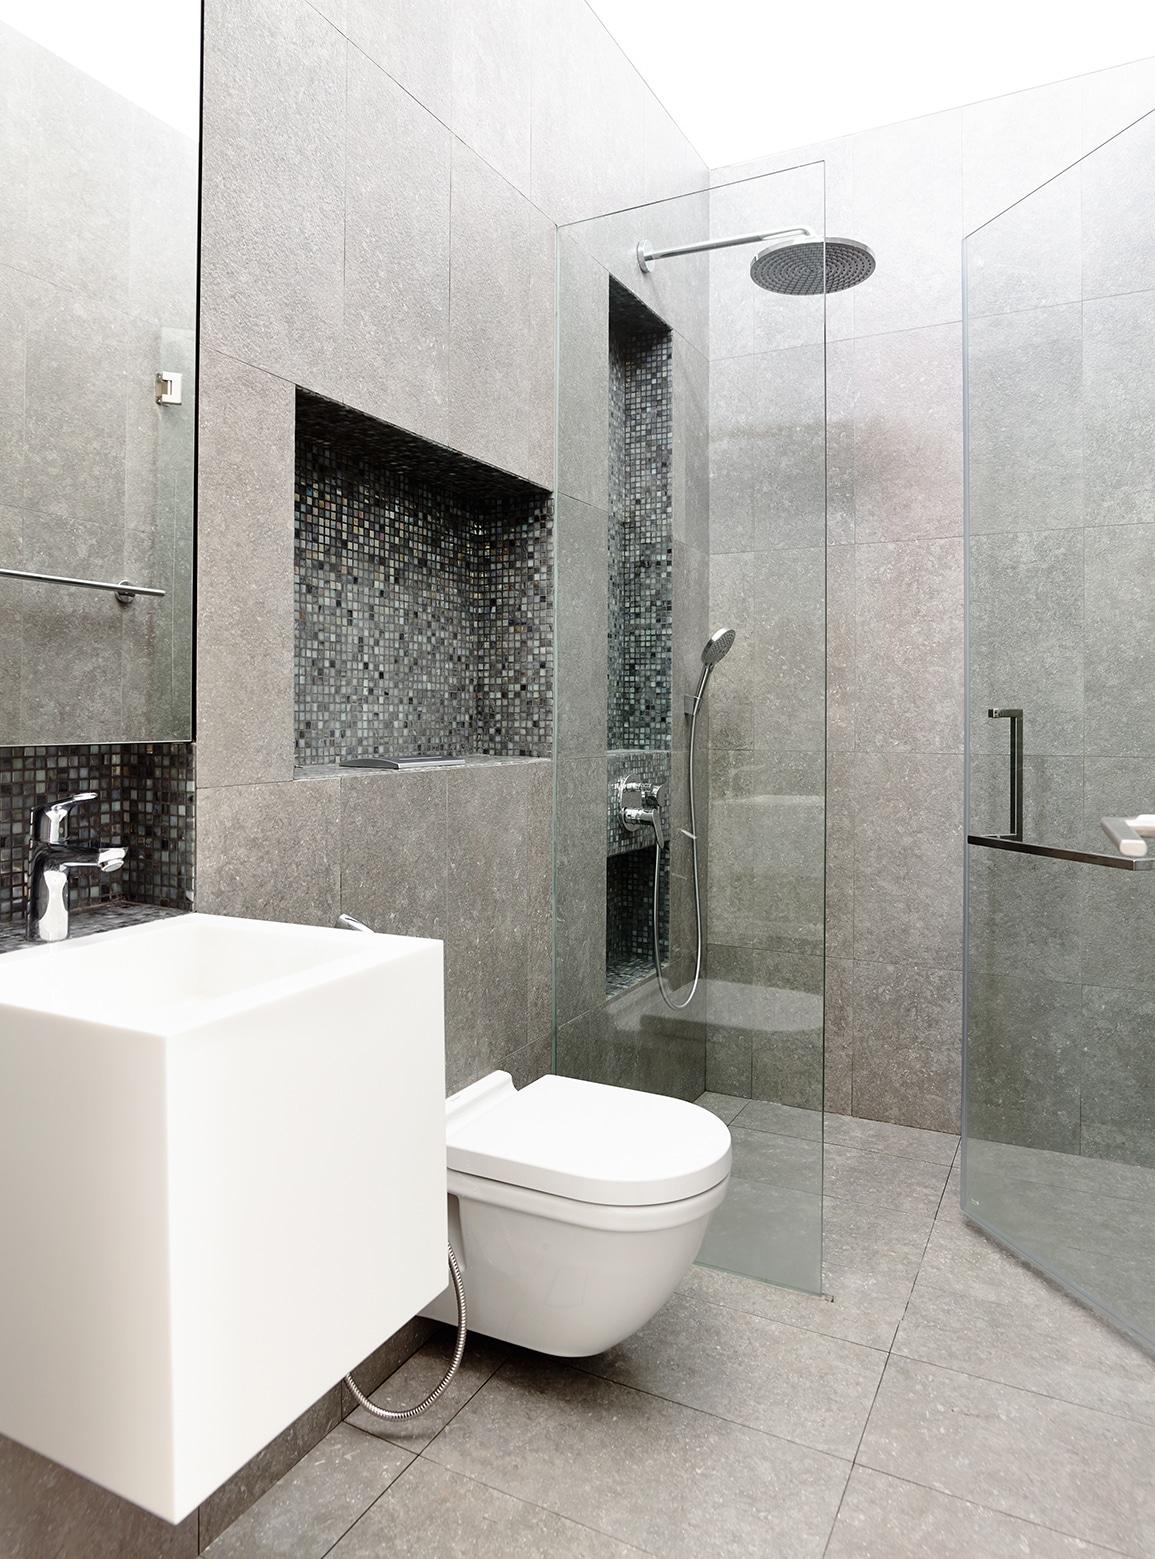 Baño Blanco Piso Gris:Sanitarios blancos y cerámicos en tonos grises hacen contraste en el